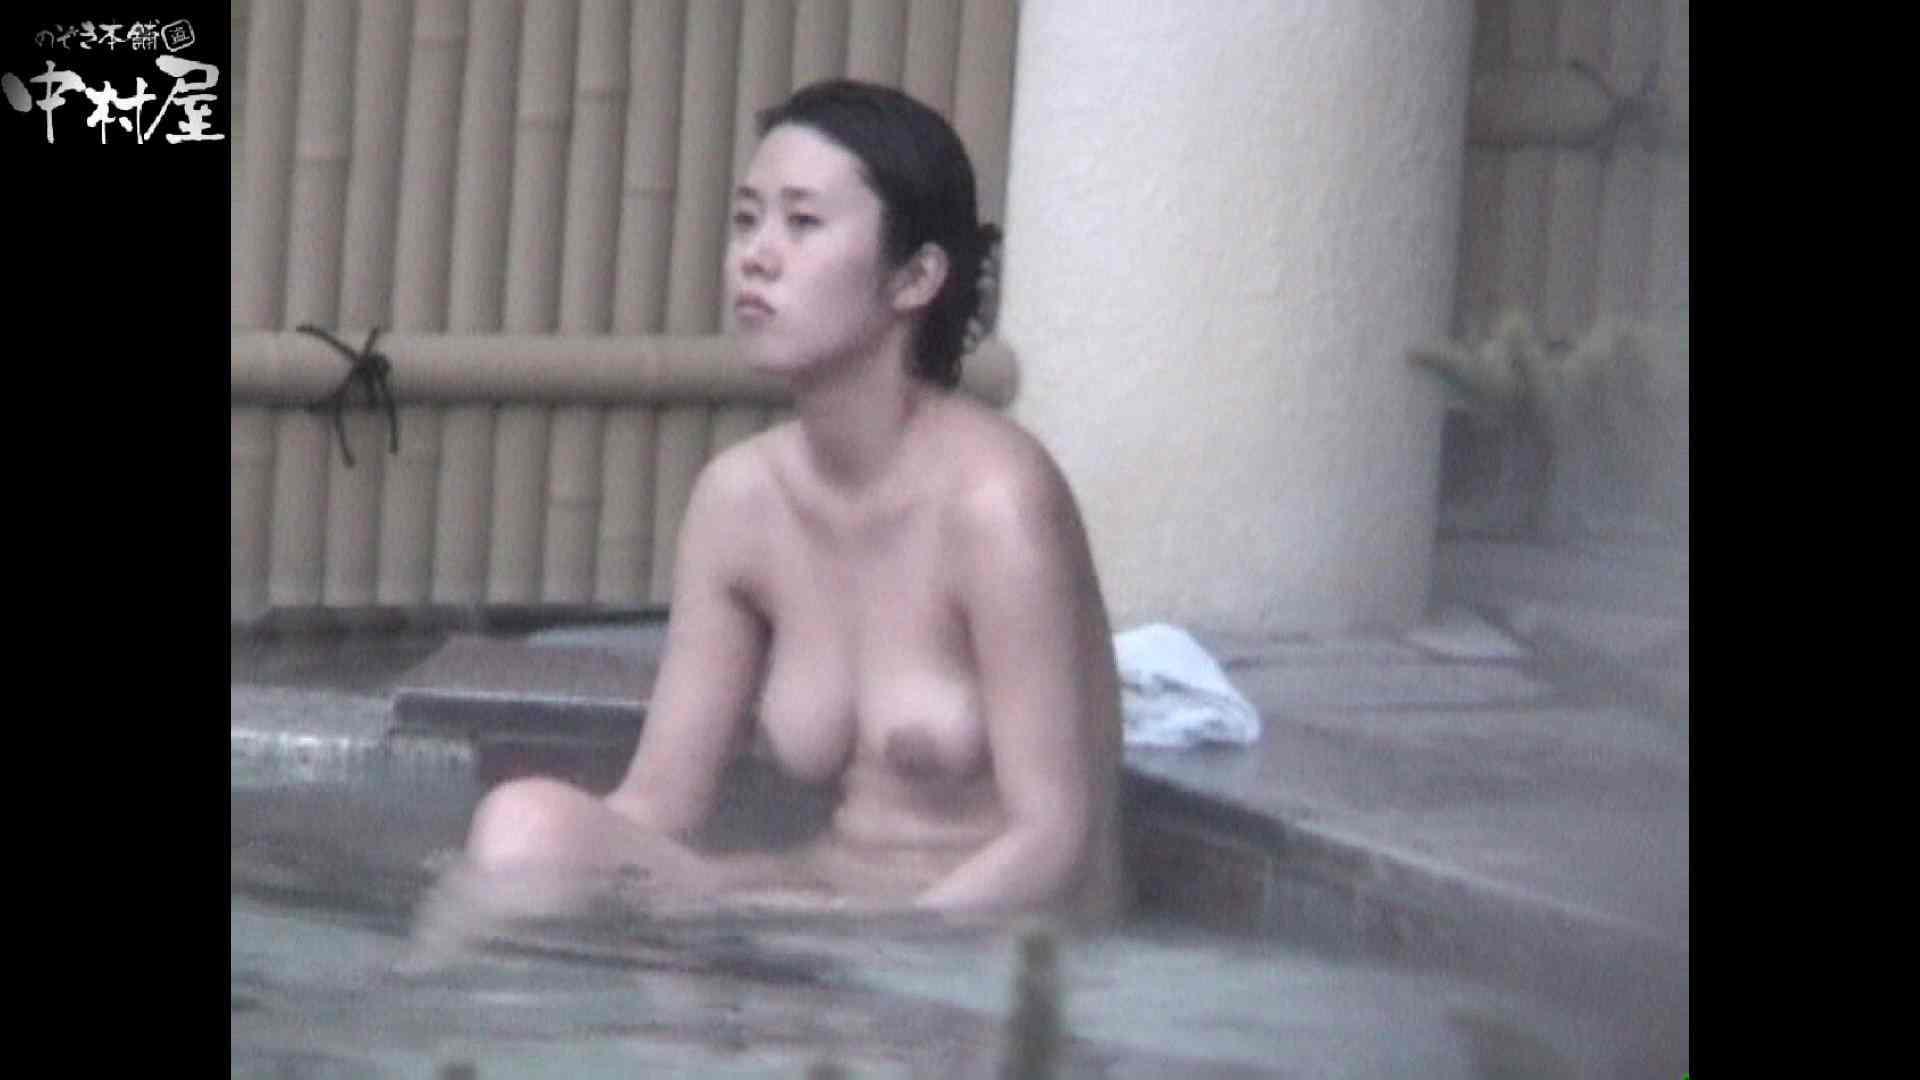 Aquaな露天風呂Vol.923 OLハメ撮り  91Pix 81